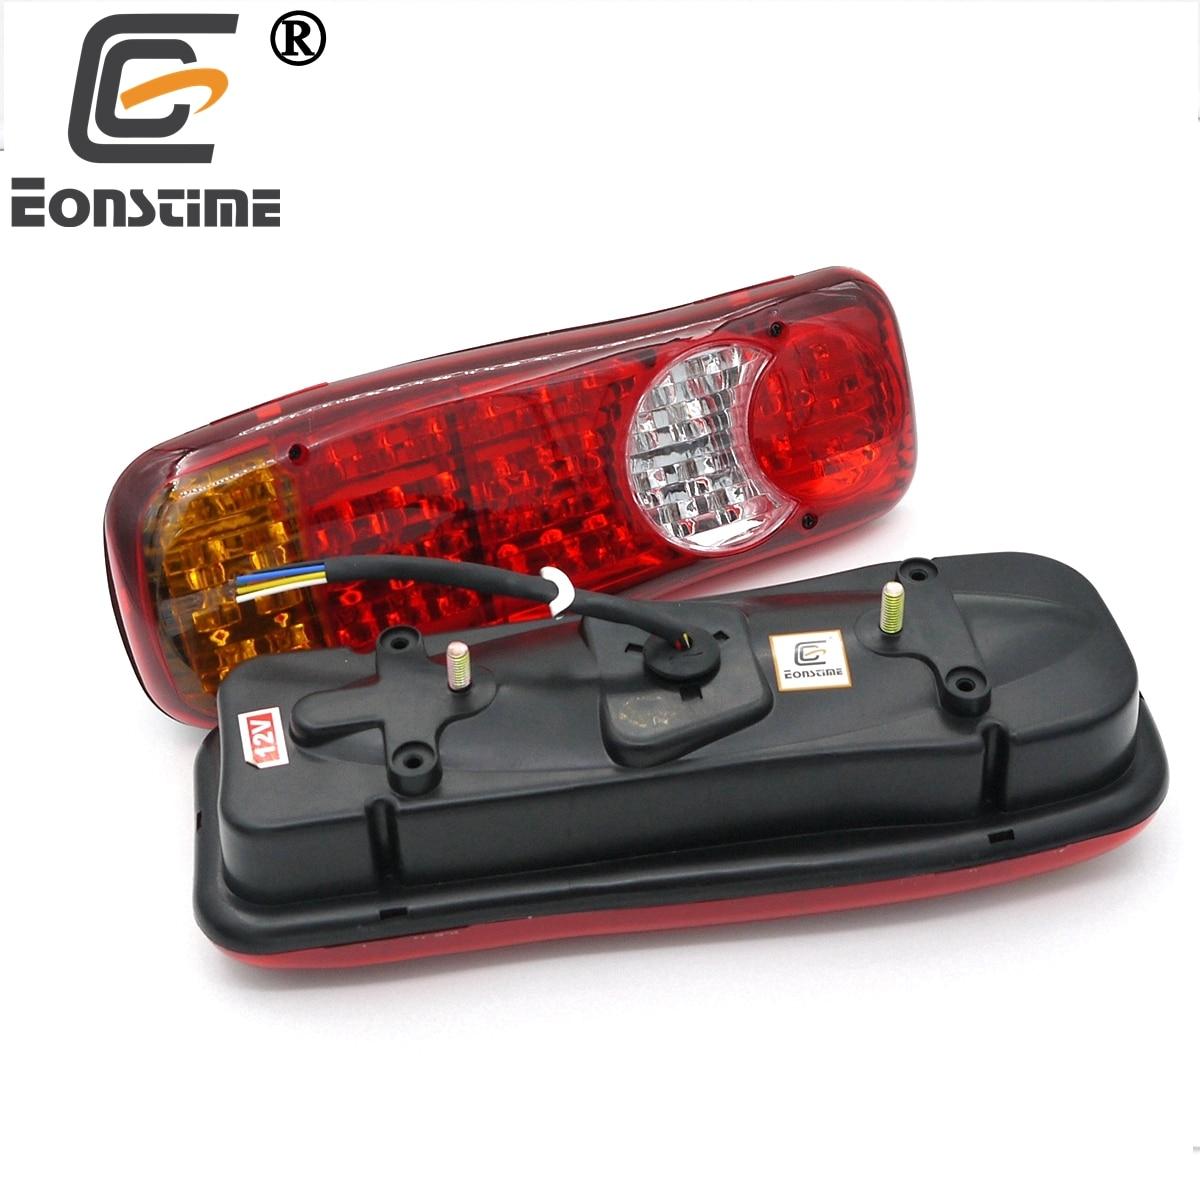 Eonstime 2pcs 12V/24V Automobiles Vehicle Trailer Car Truck LED Stop Rear Tail Indicator Fog Lights Reverse Van Auto LED Lamps